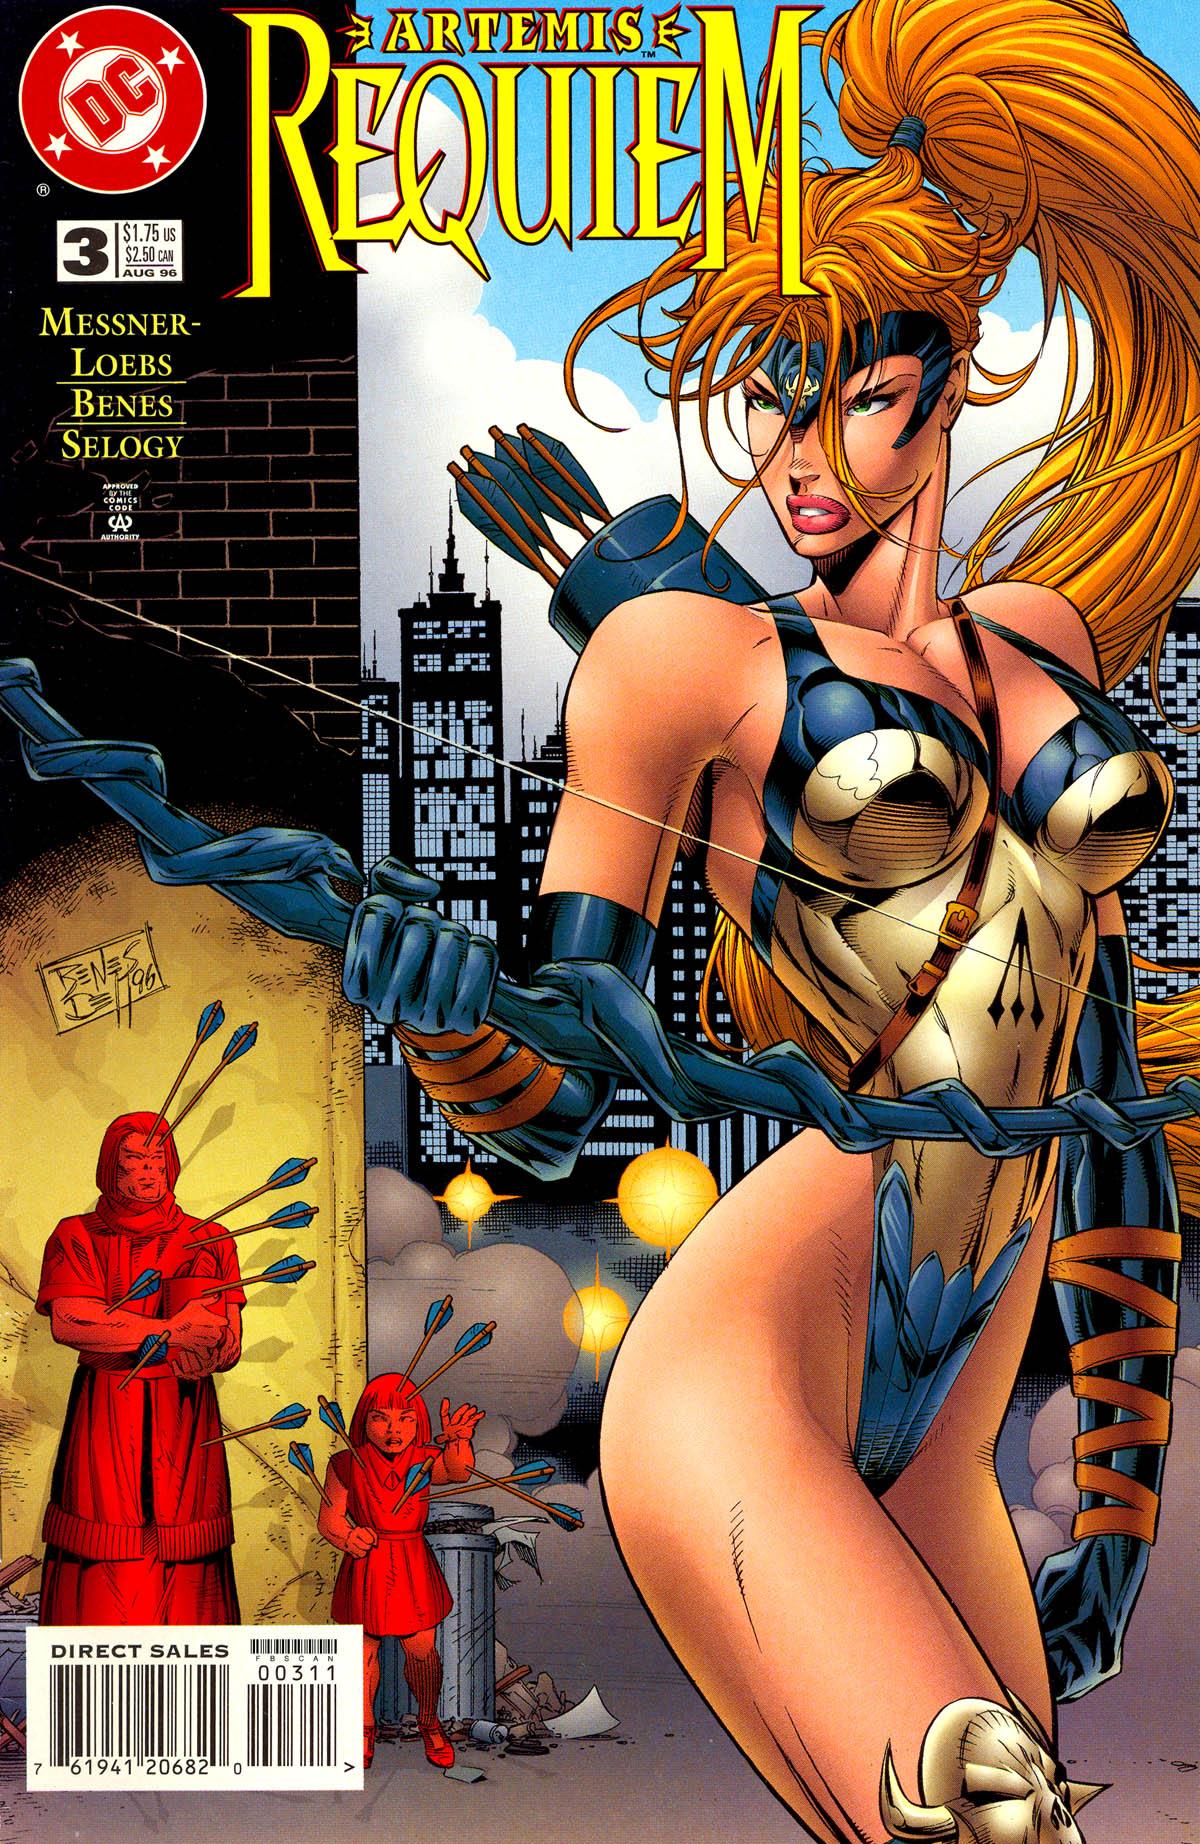 Read online Artemis: Requiem comic -  Issue #3 - 1